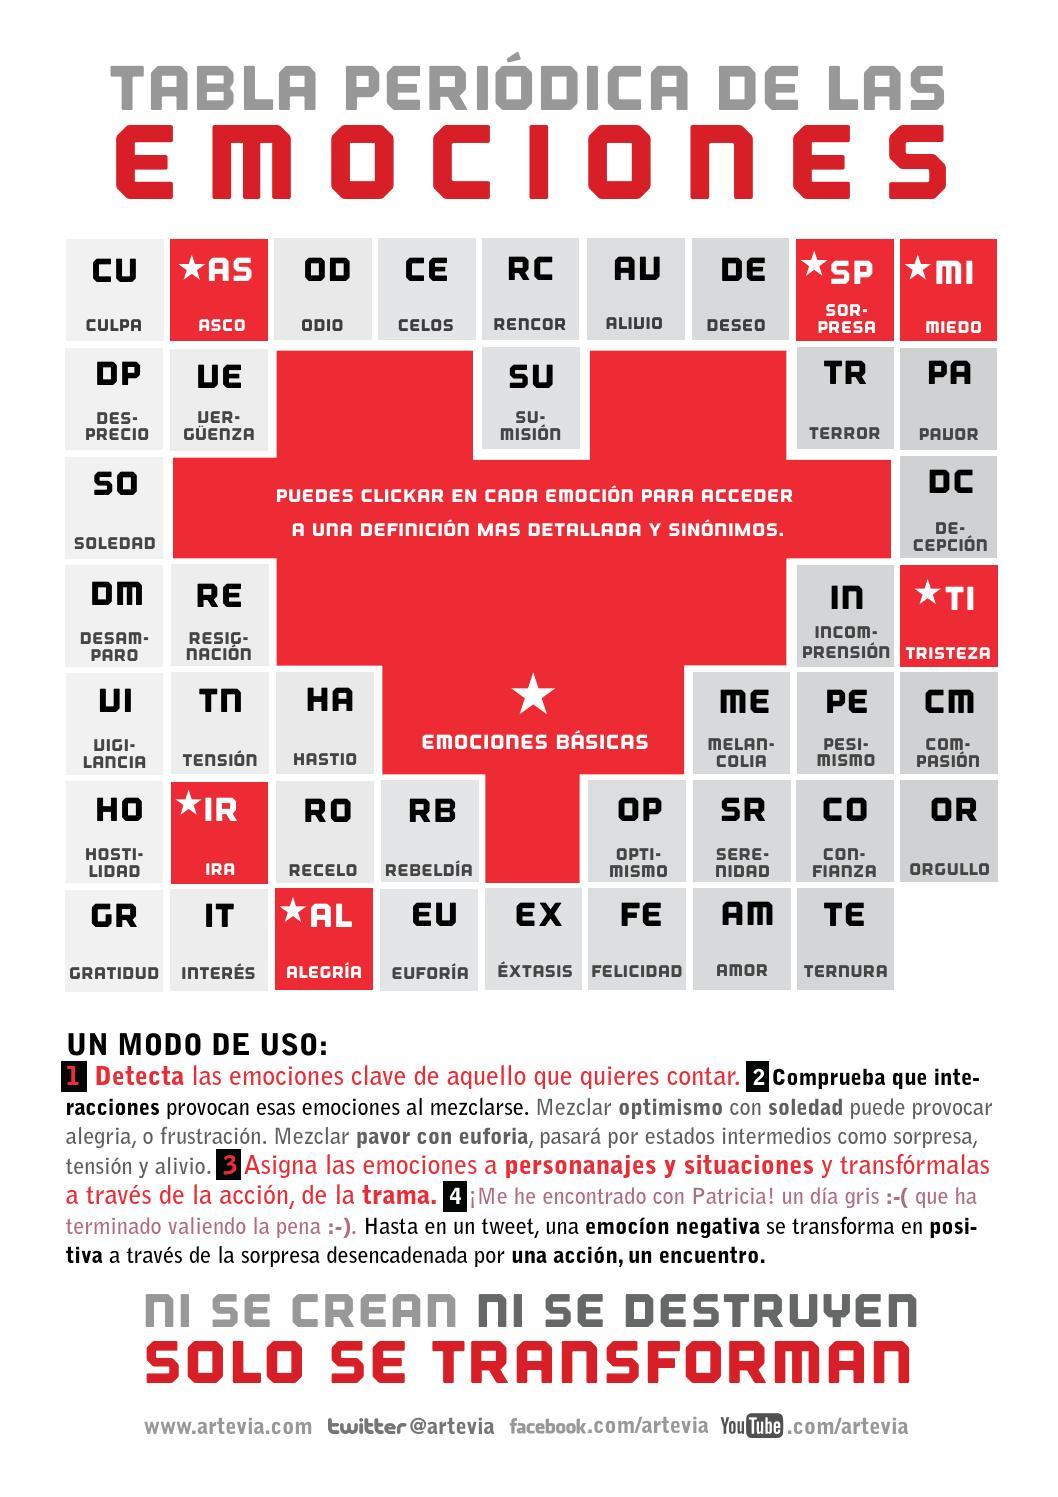 Tabla periodica de las emociones imagen2 orientacin andjar tabla periodica de las emociones imagen2 urtaz Images